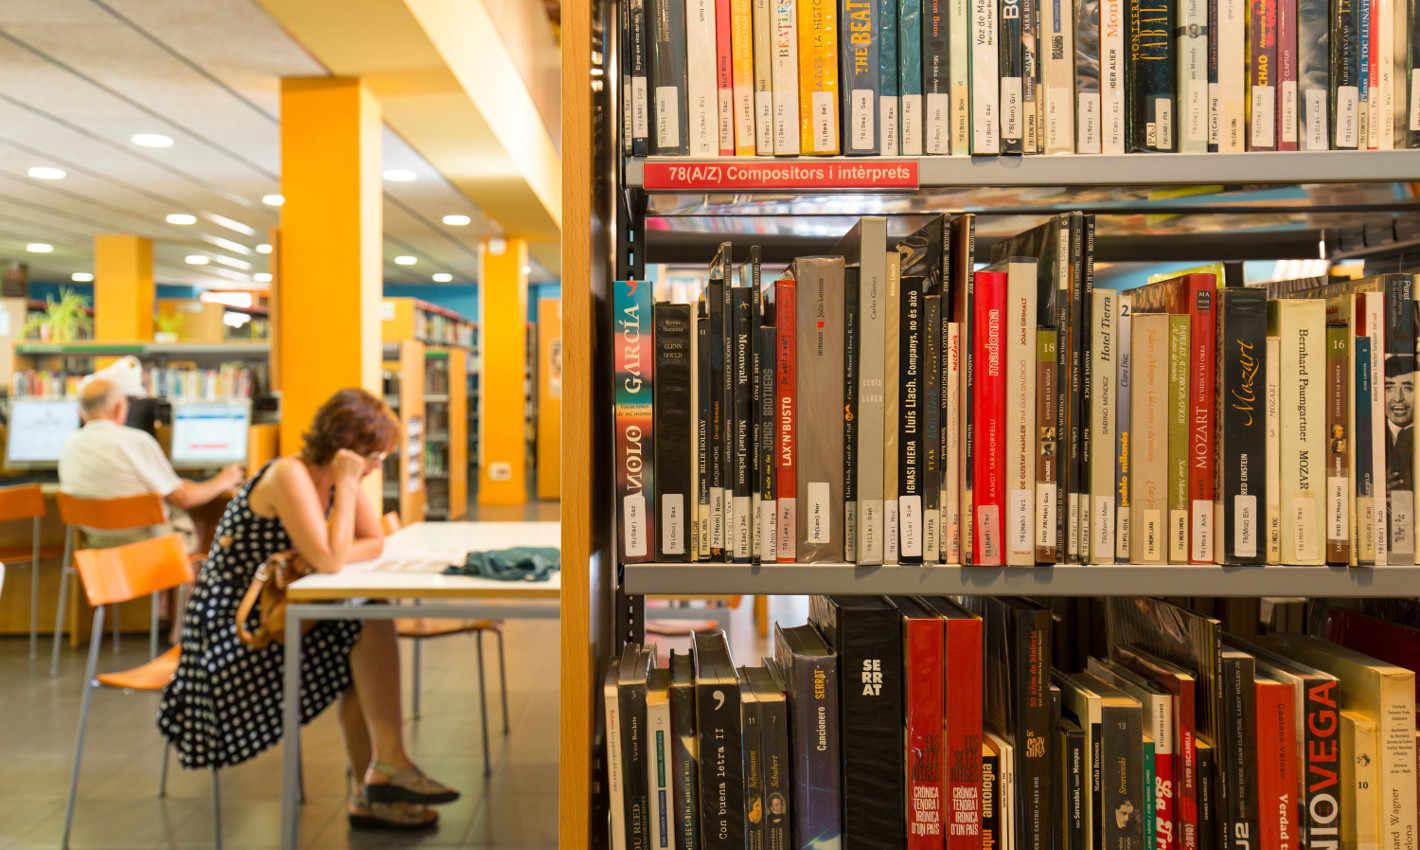 Prestatges de llibres Biblioteca Can Salvador de la Plaça